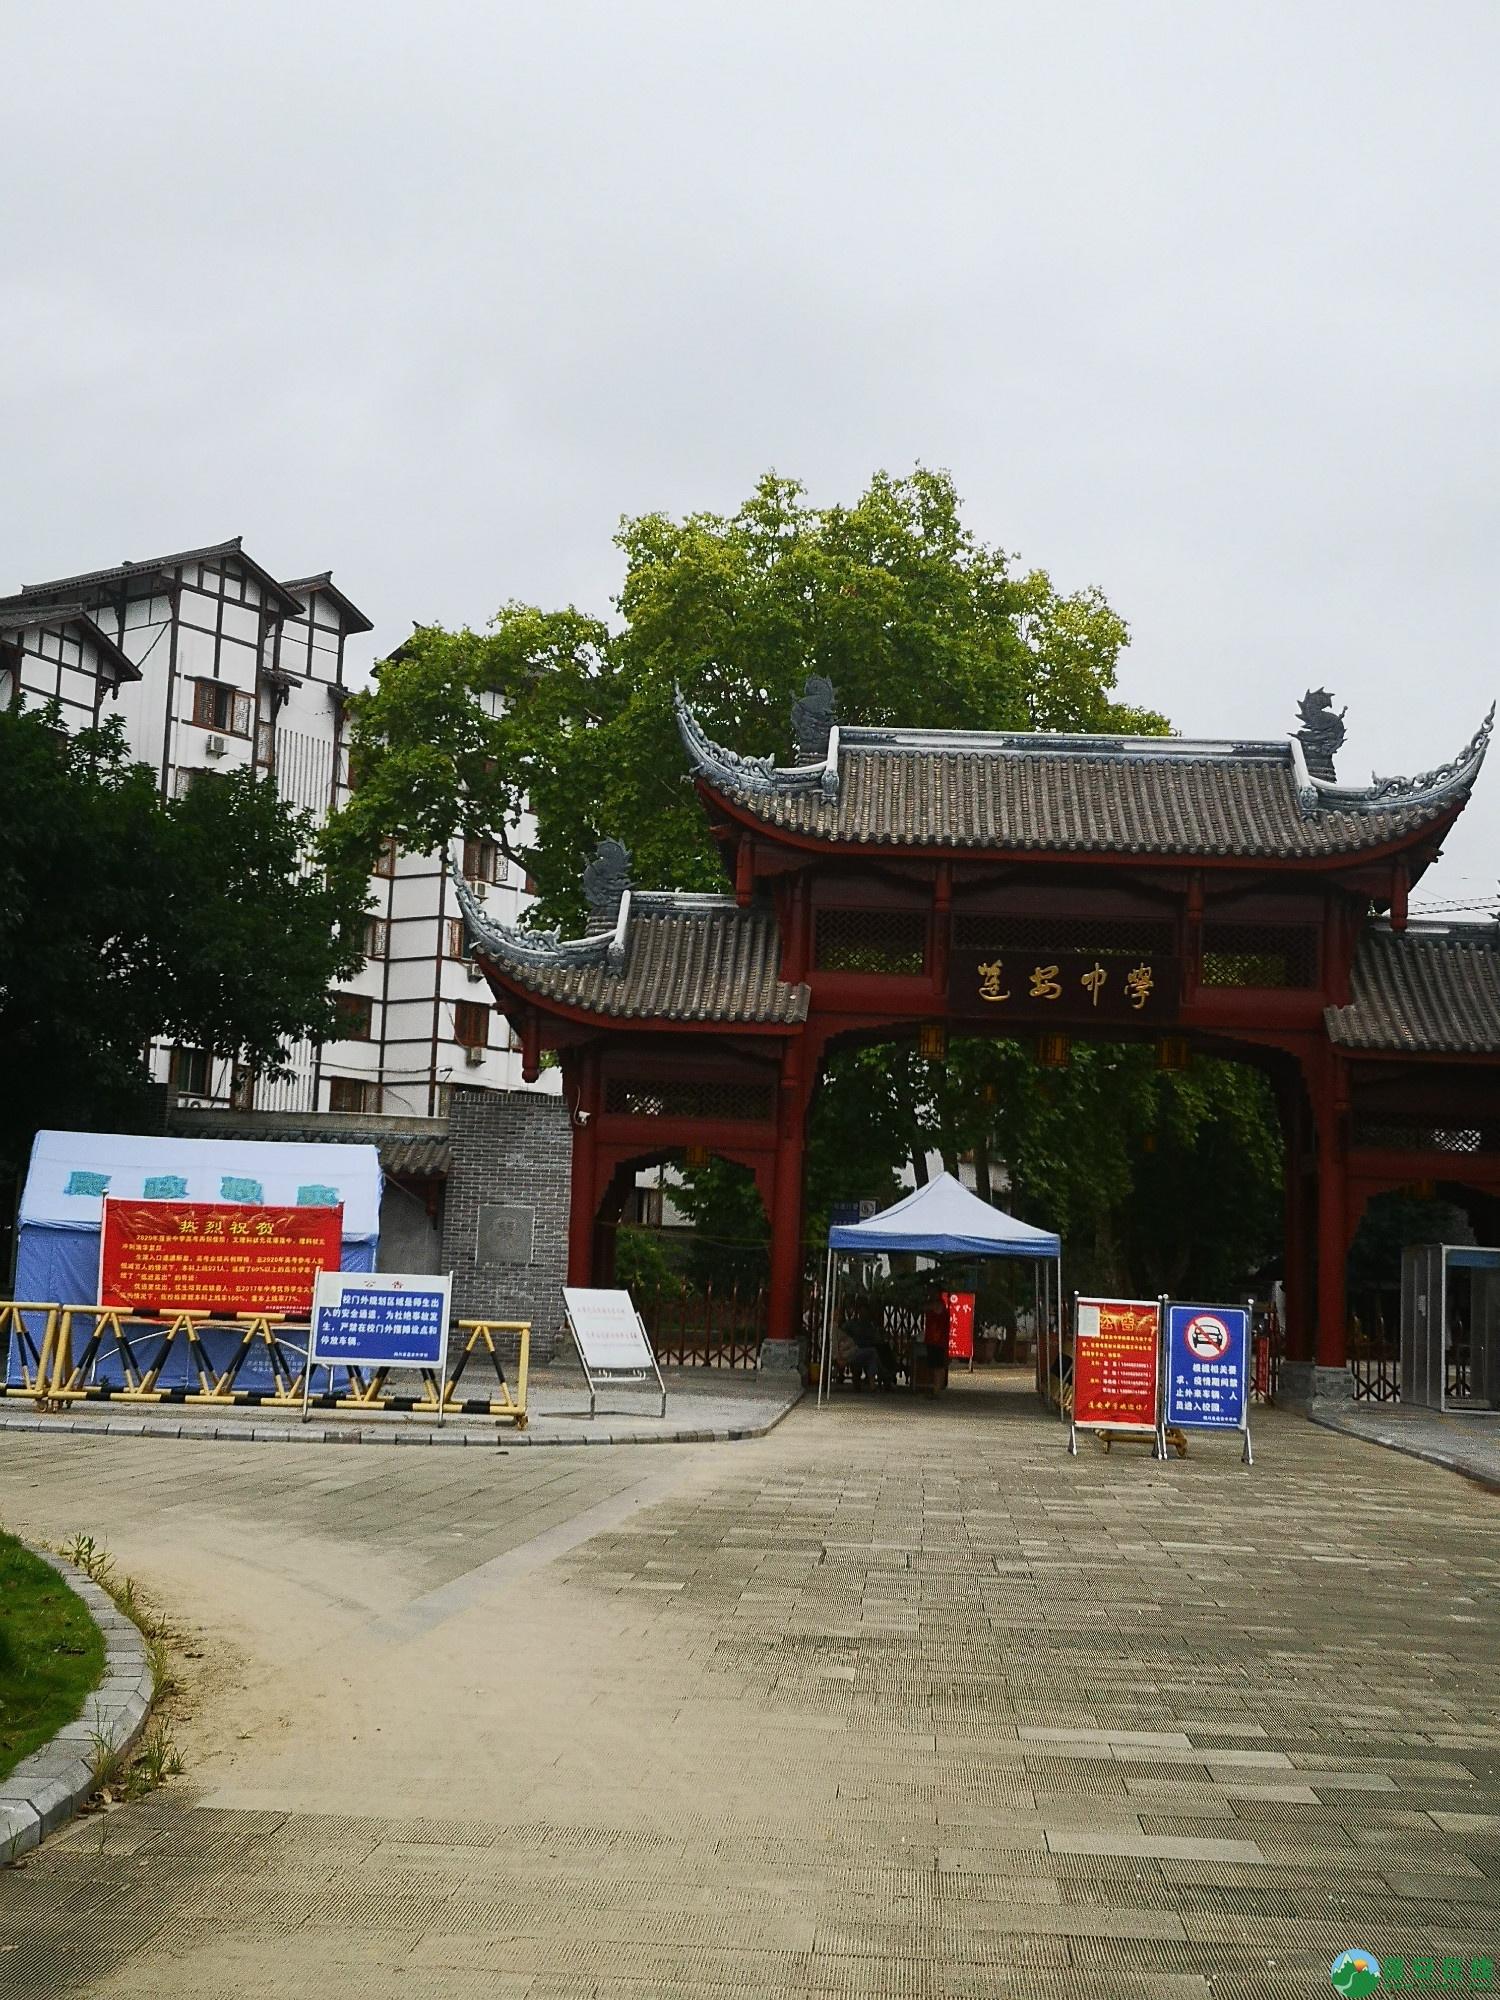 蓬安锦屏新区近况(2020-08-19) - 第15张  | 蓬安在线